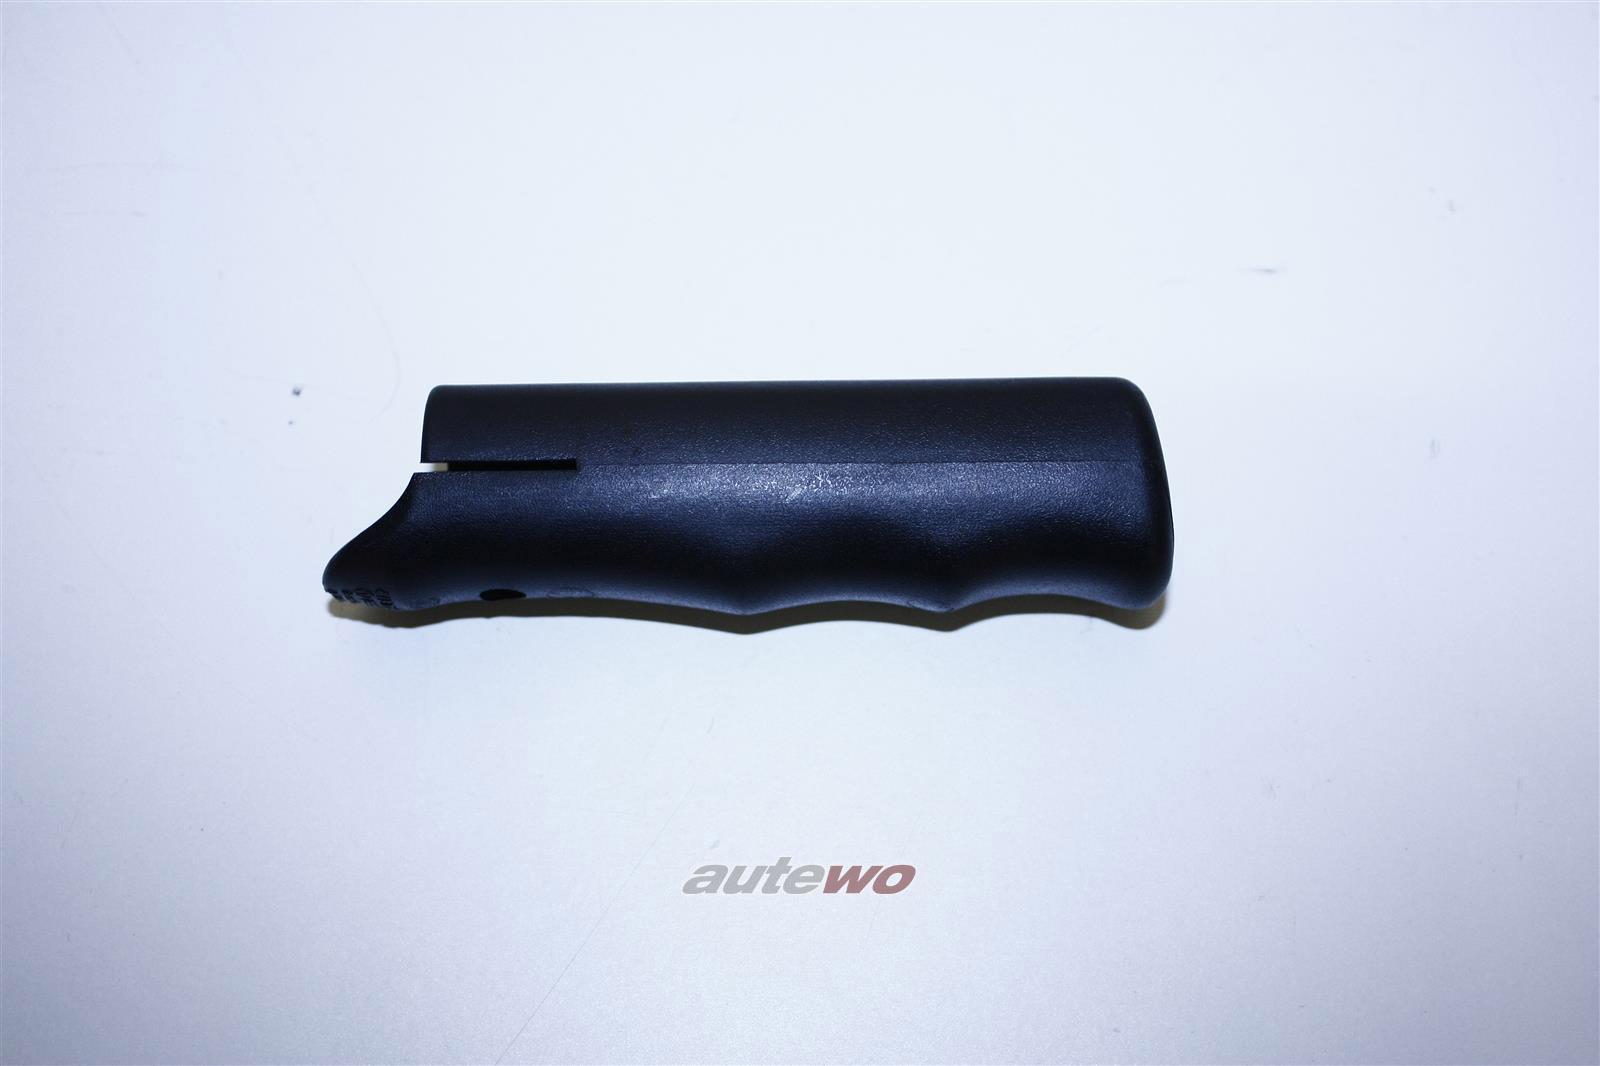 443711327 NEU Audi 80/90/Urquattro/Coupe 81/85/100/200 44 Handbremshebelgriff